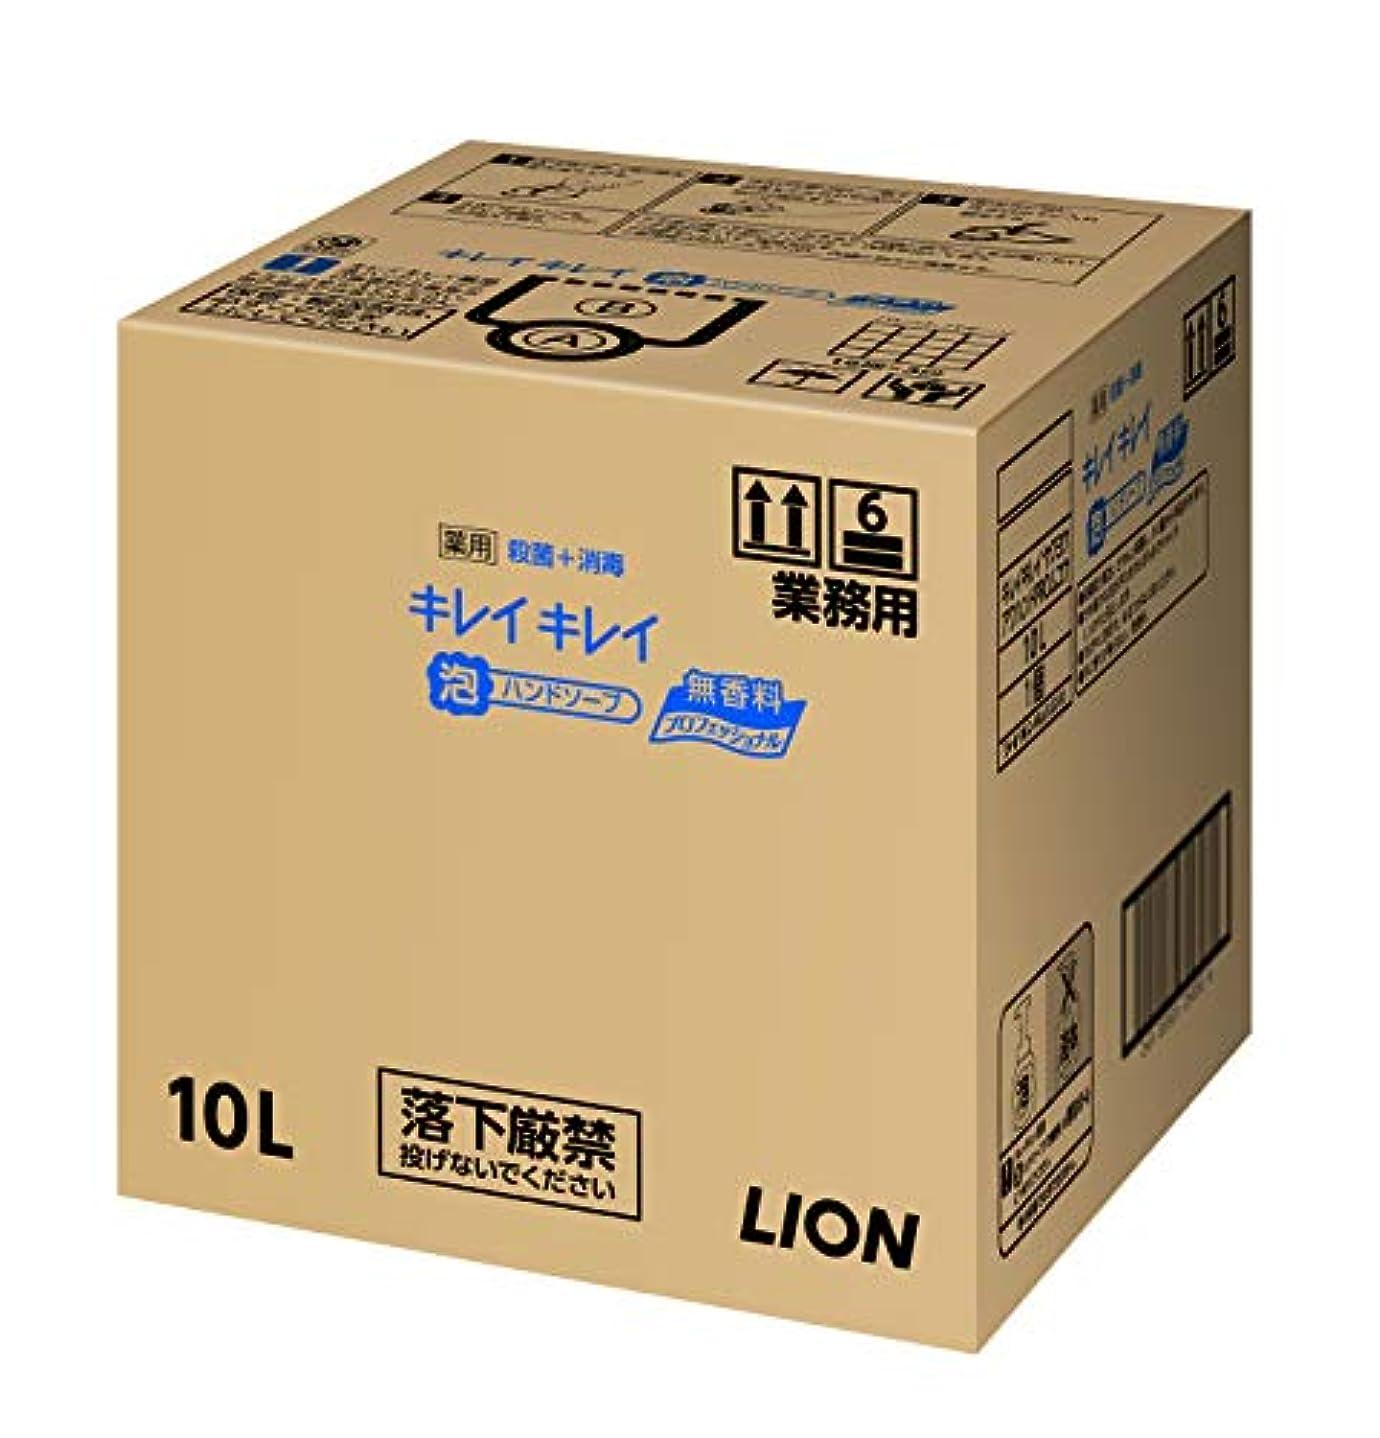 トランジスタ滴下クレア【業務用 大容量】キレイキレイ 薬用 泡ハンドソープ 無香料 10L(医薬部外品)